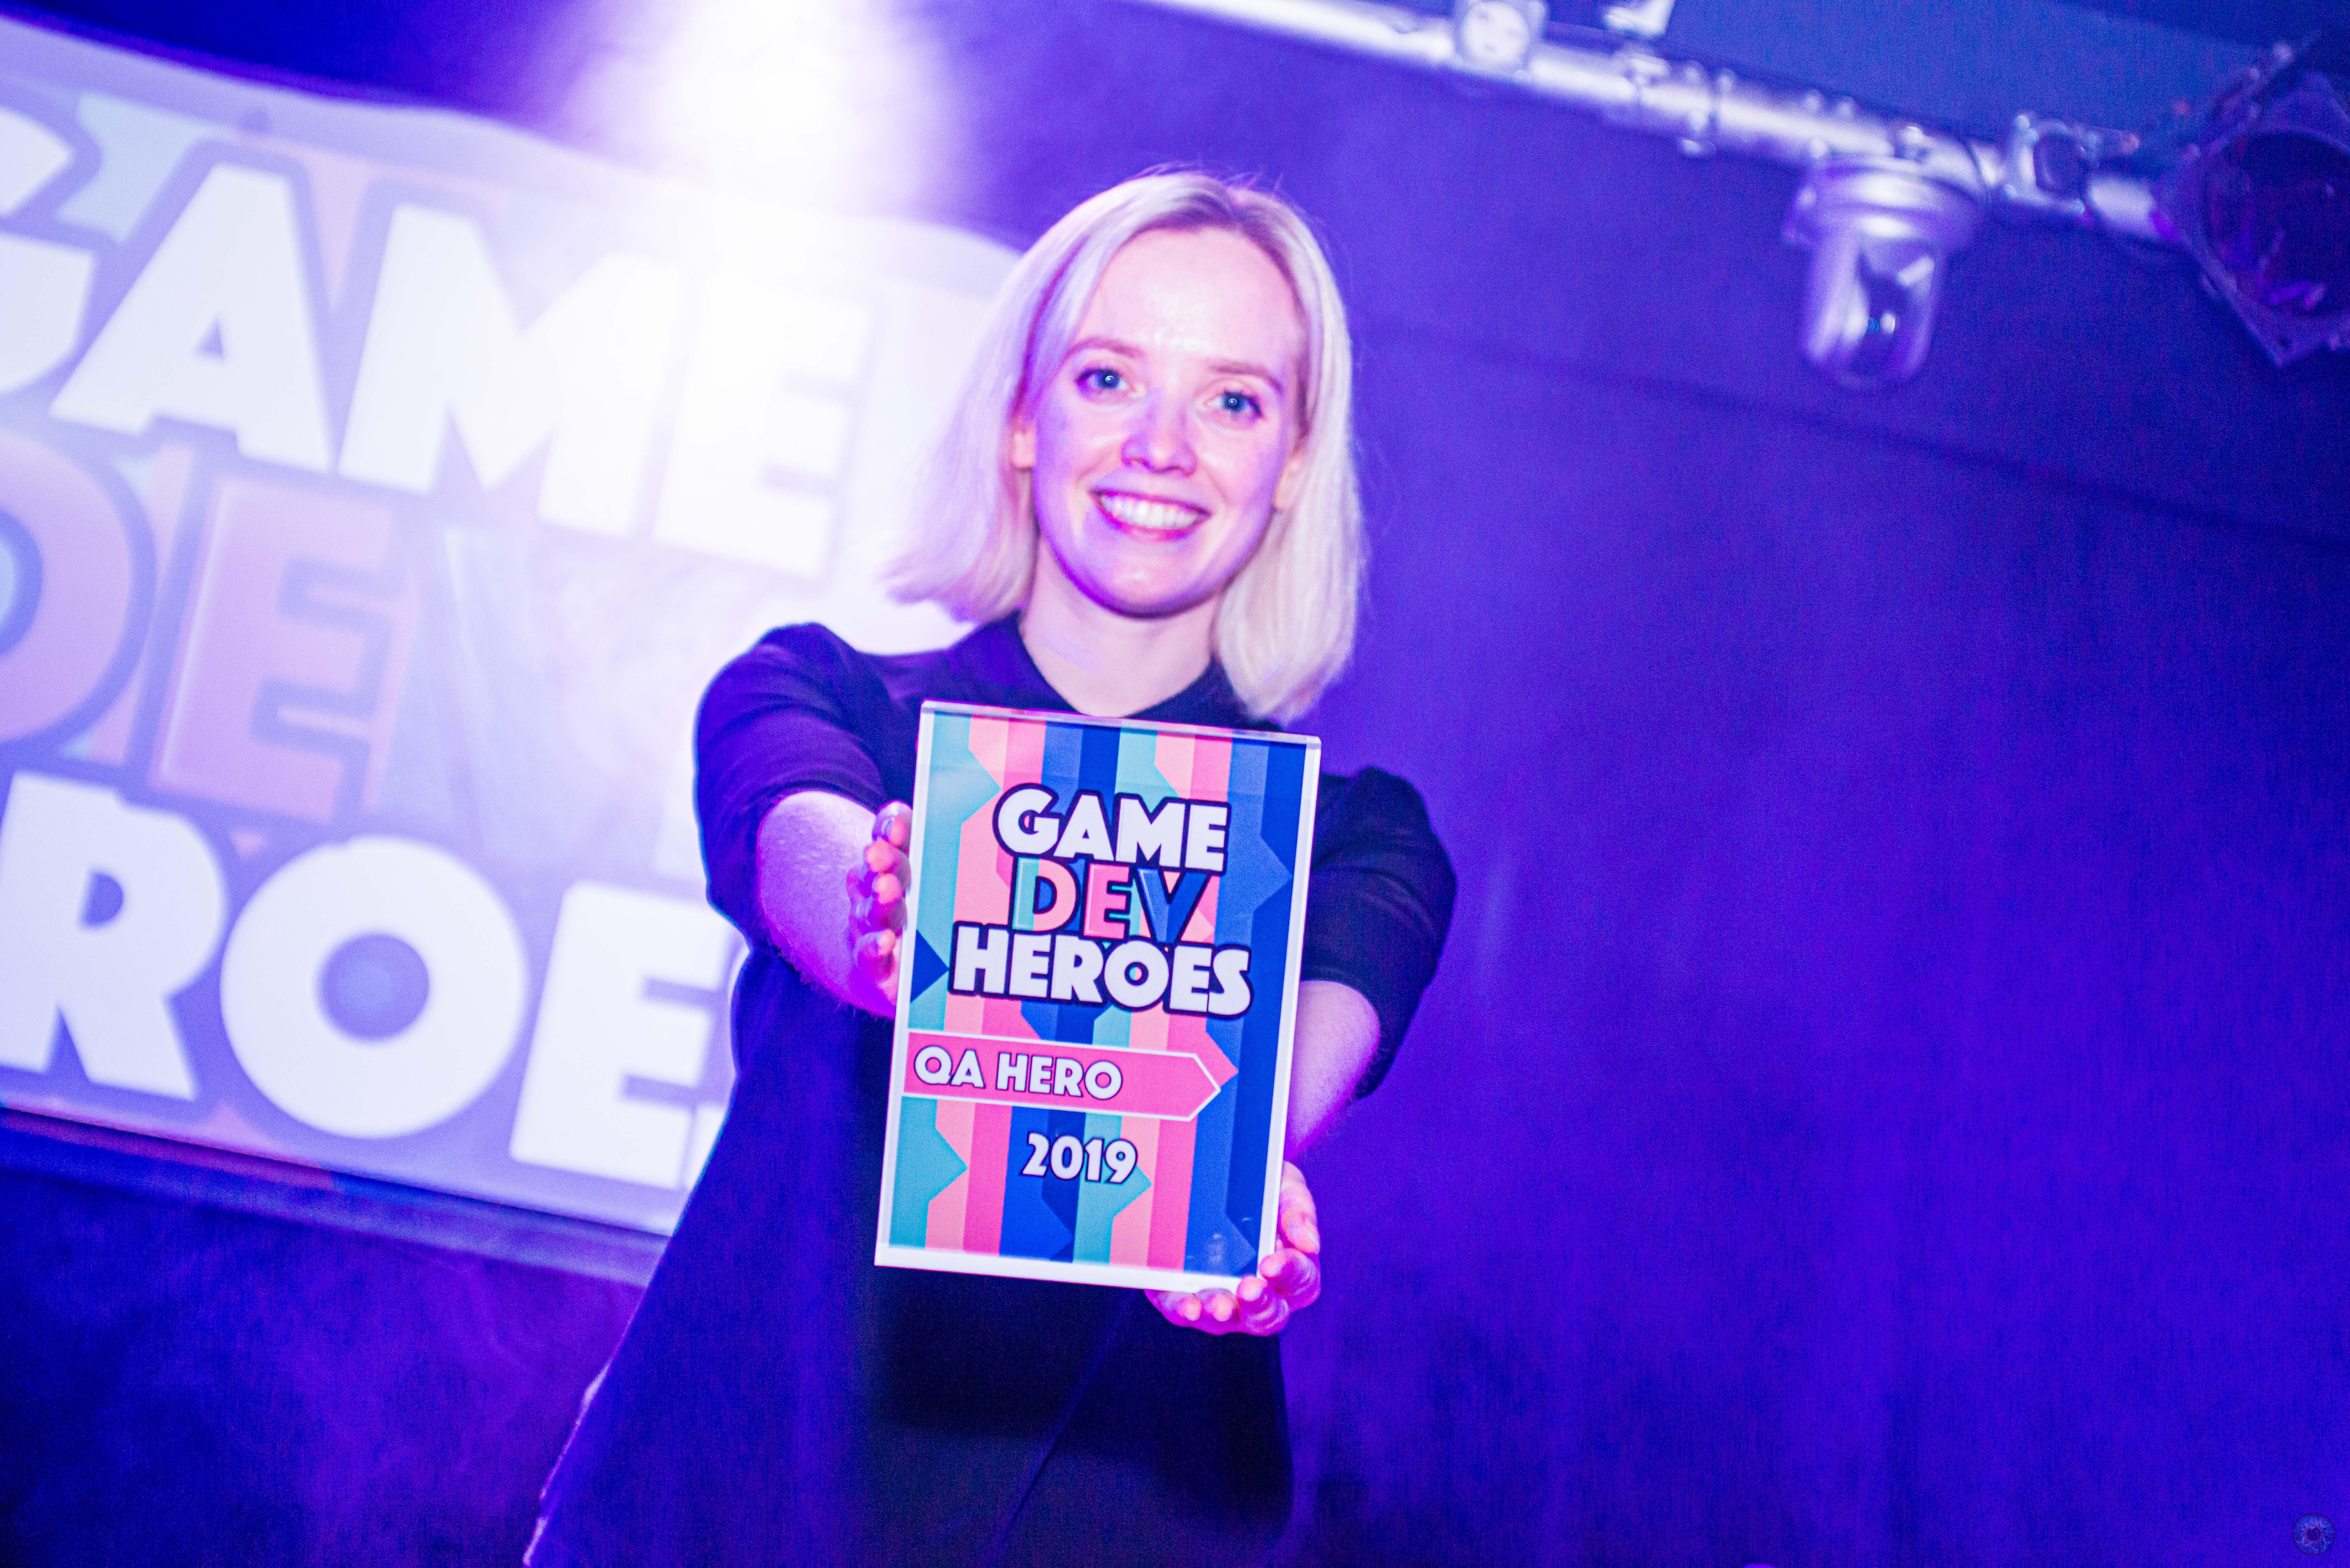 24 - Game Dev Heroes 2019-267